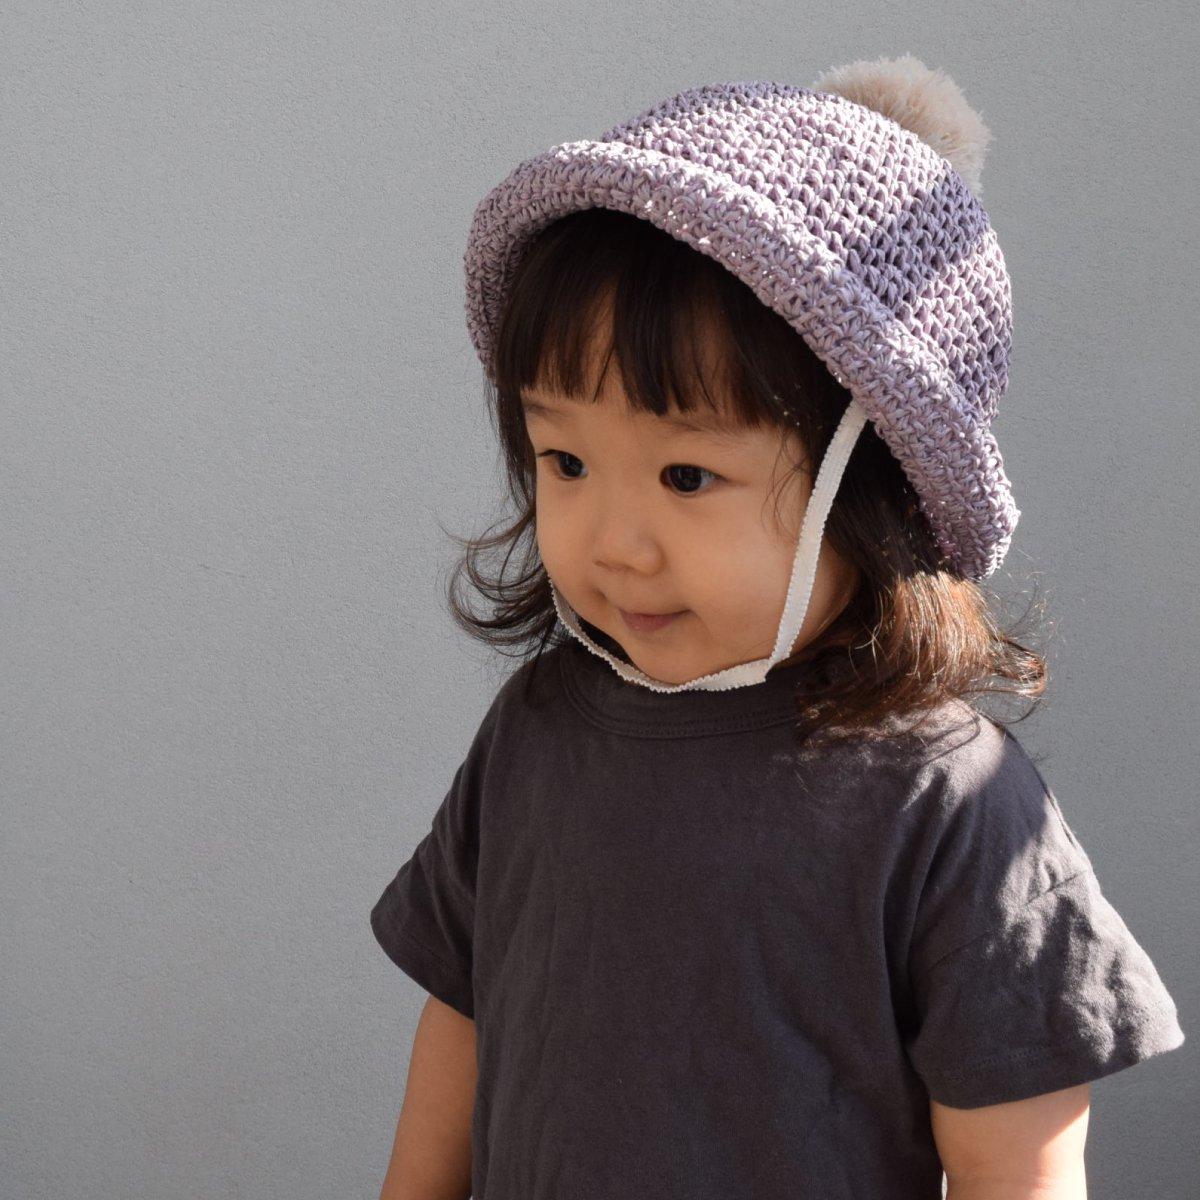 【BABY】Pon Coron Hat 詳細画像16